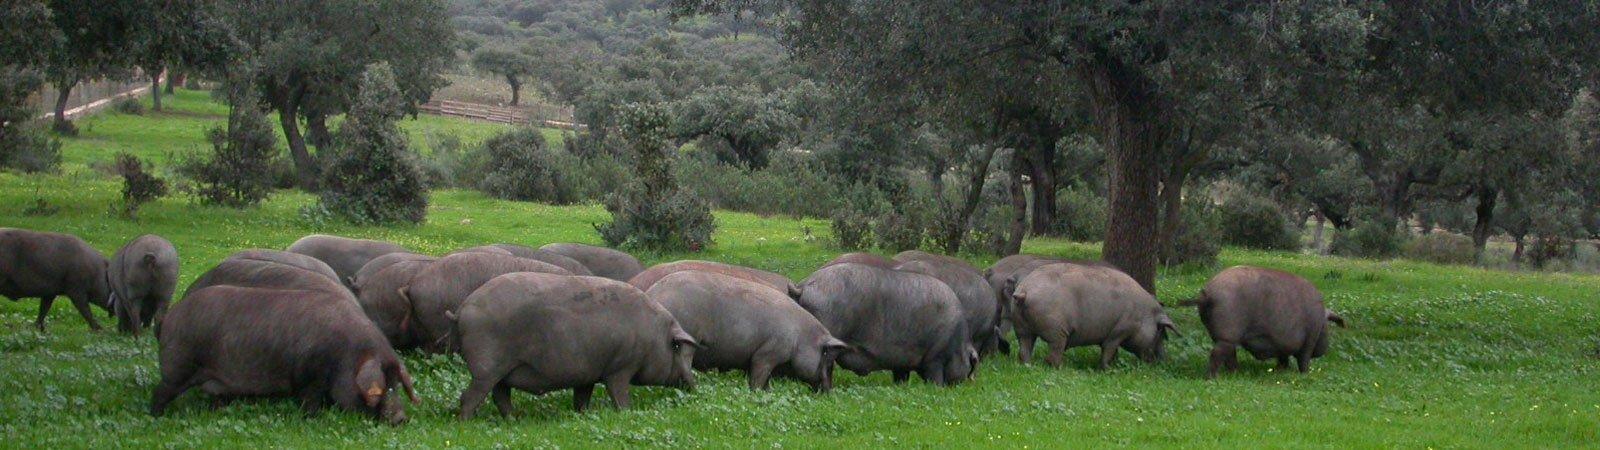 productos extremeños en vallecas, productos de la tierra en vallecas, alimentación en vallecas